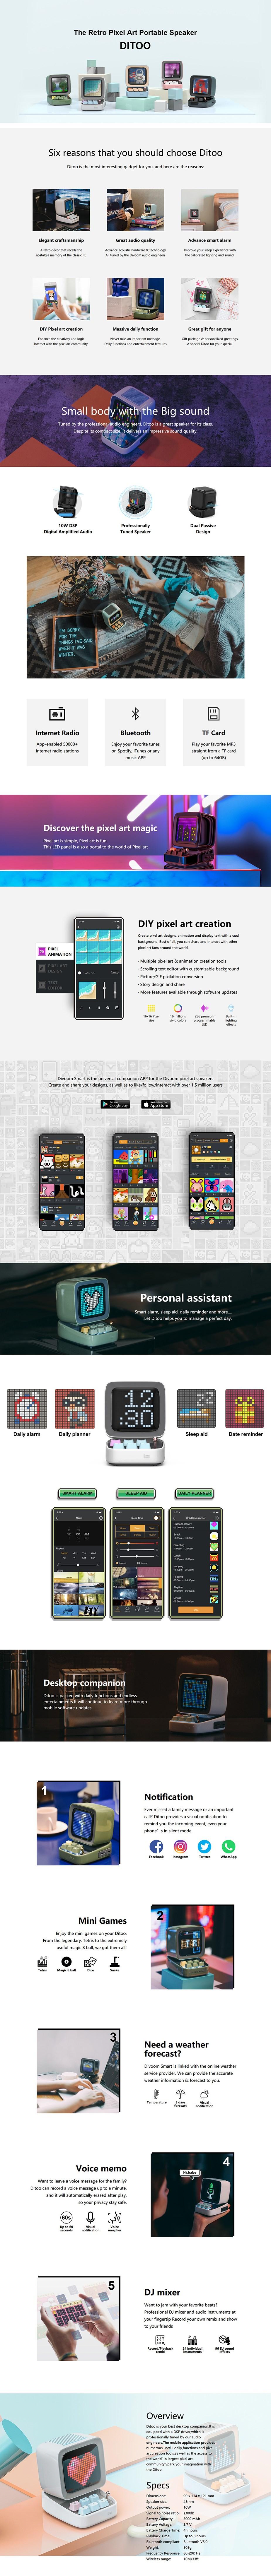 Divoom Ditoo Retro Pixel Art Portable Speaker - Overview 1